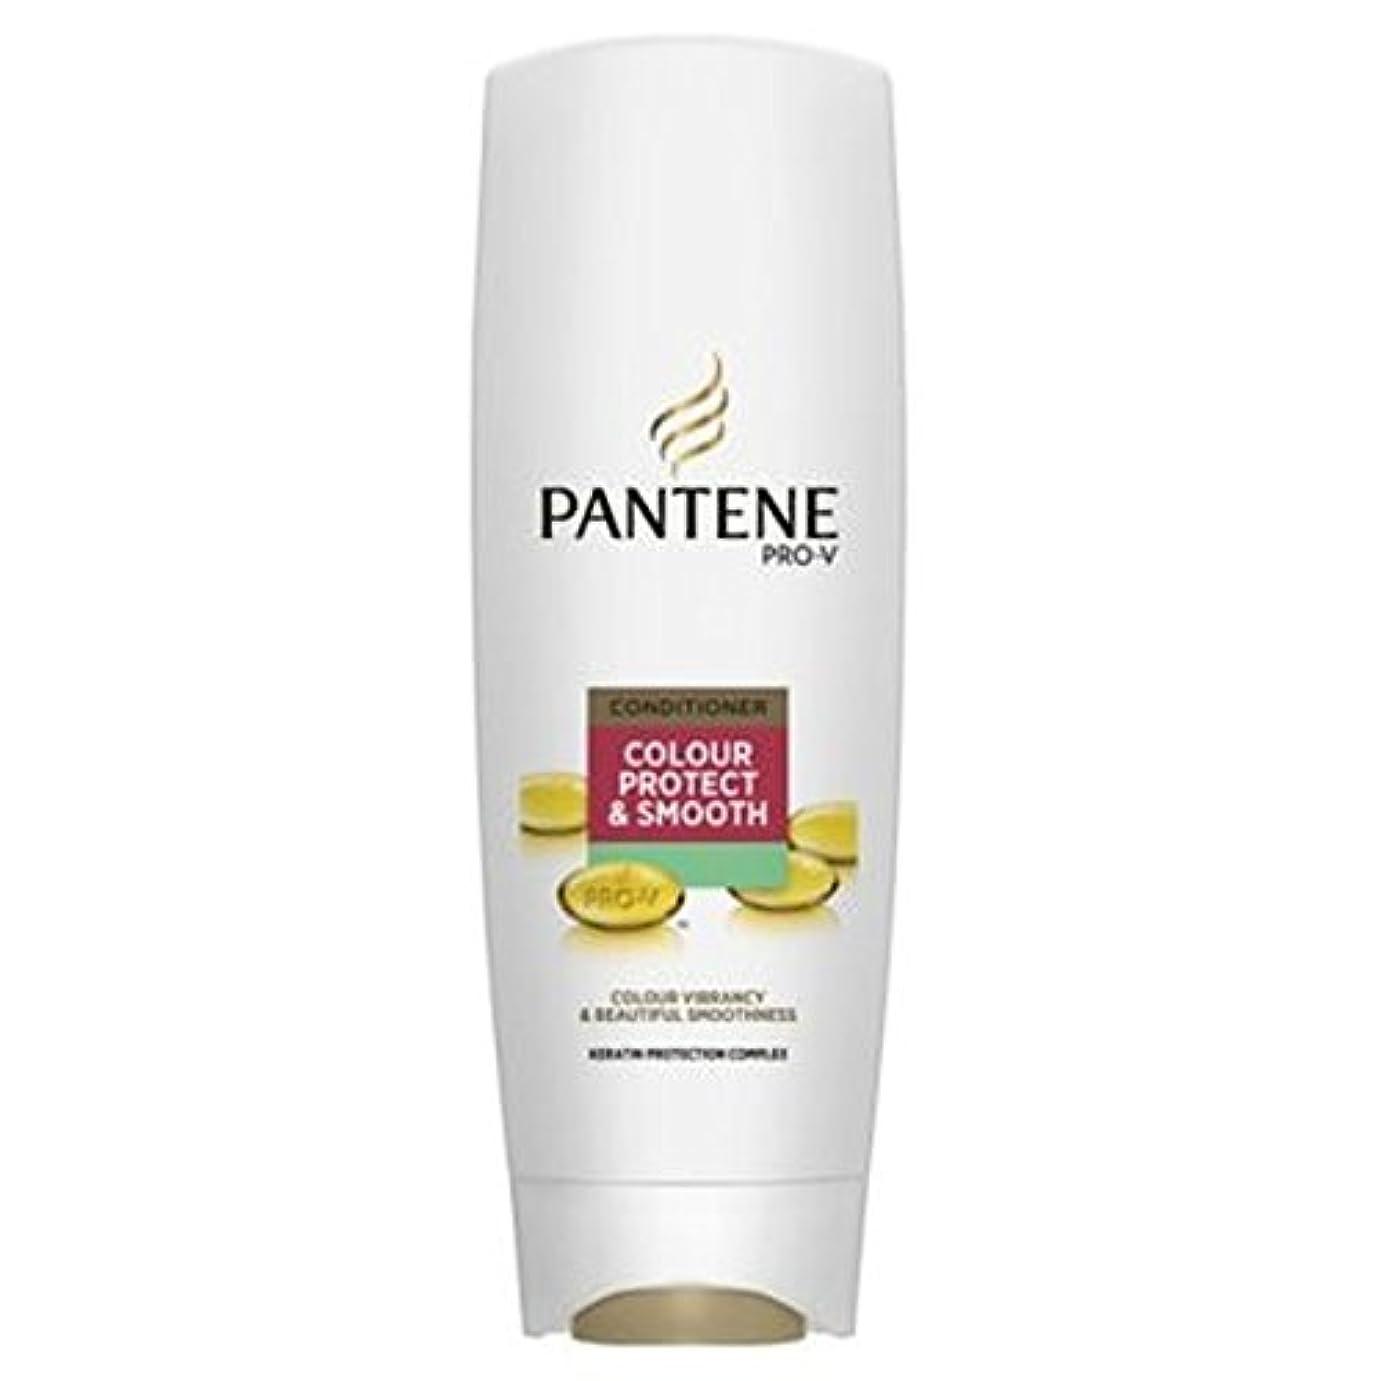 ディーラー単位乱すパンテーンプロVの色保護&スムーズコンディショナー360ミリリットル (Pantene) (x2) - Pantene Pro-V Colour Protect & Smooth Conditioner 360ml (Pack...